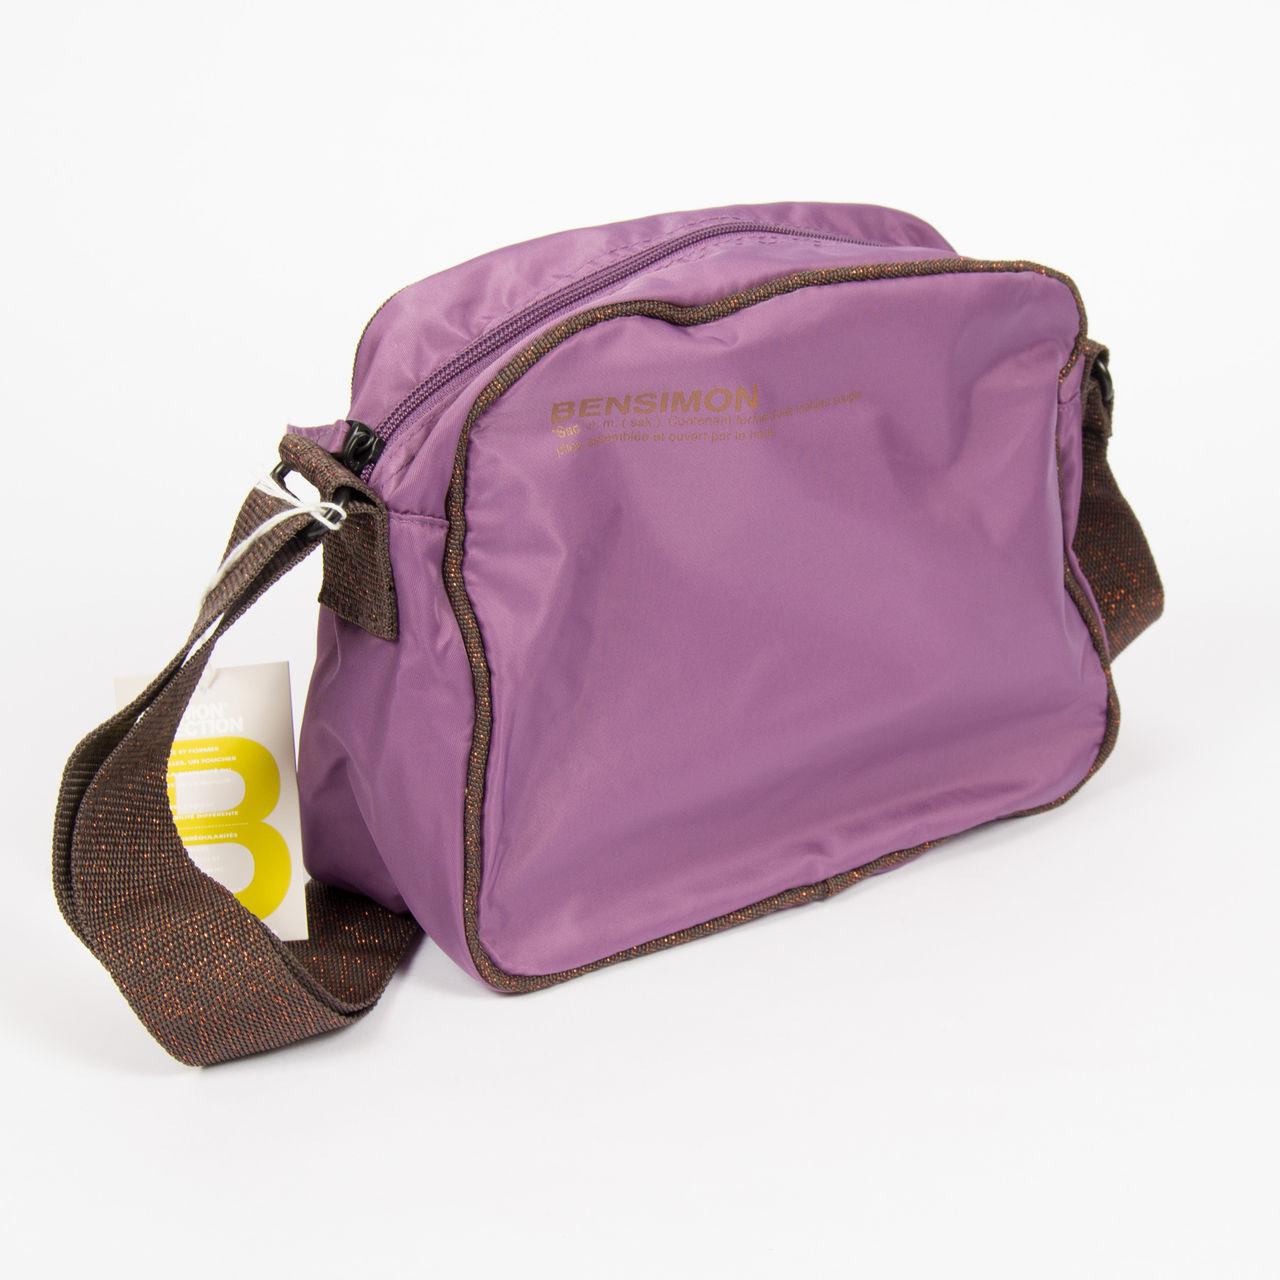 Boutique la femme sacs bensimon sac - Housse de rangement bensimon ...